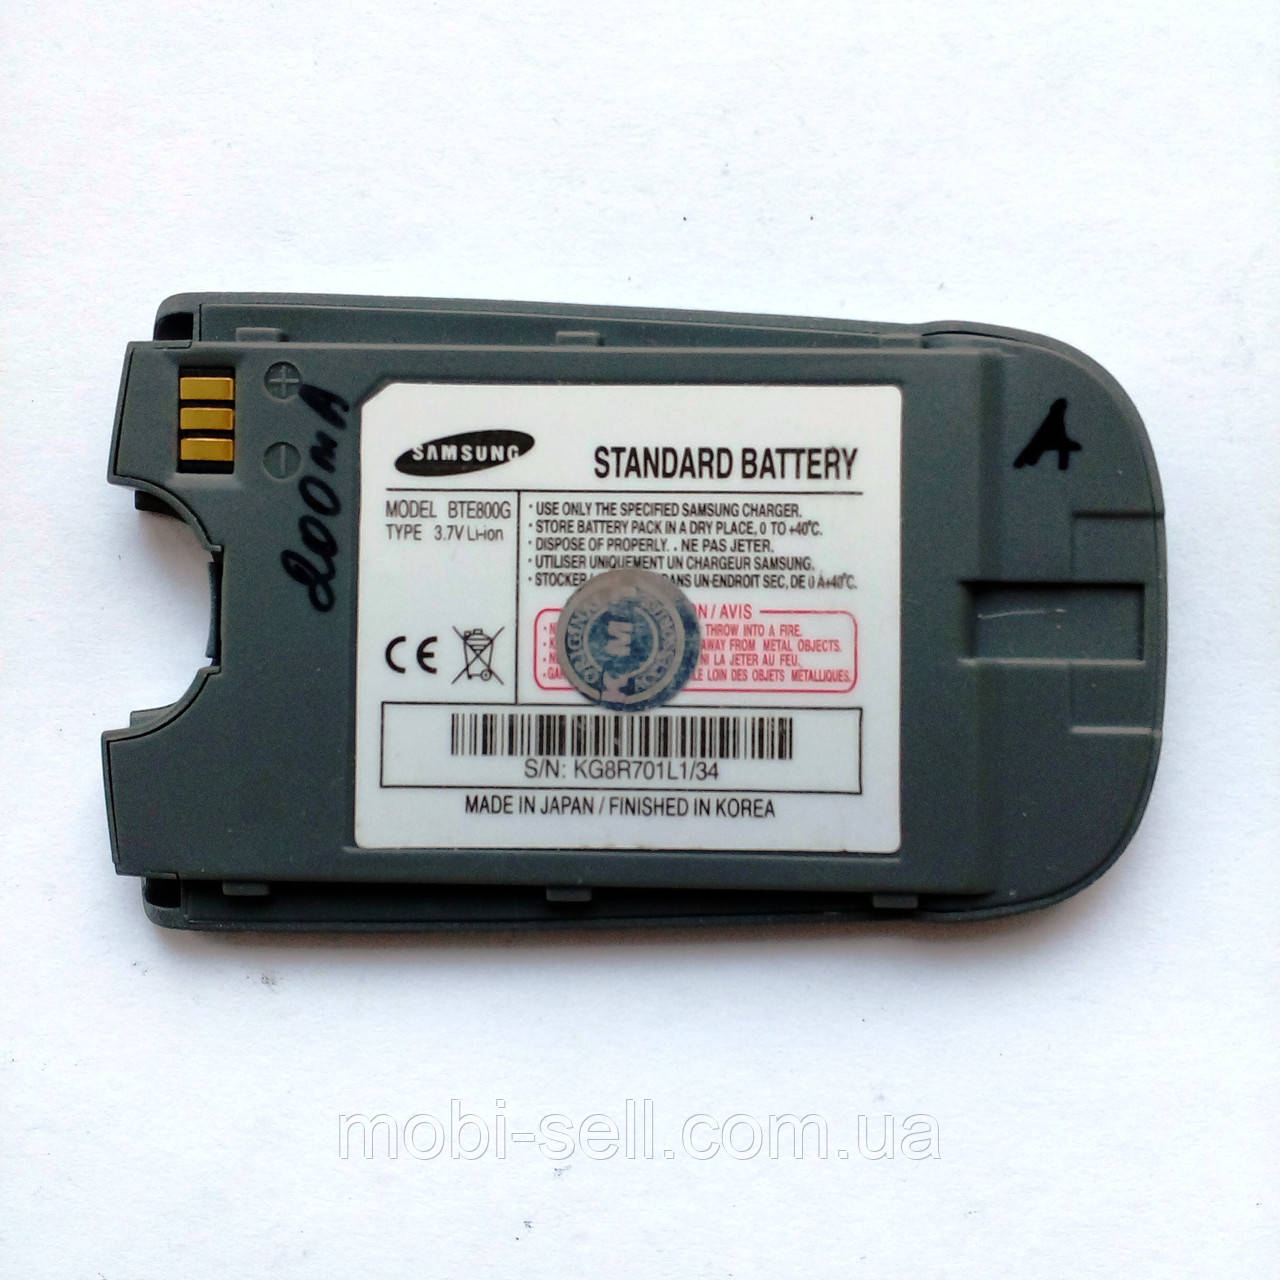 Аккумулятор Samsung BTE800G - 200 mA